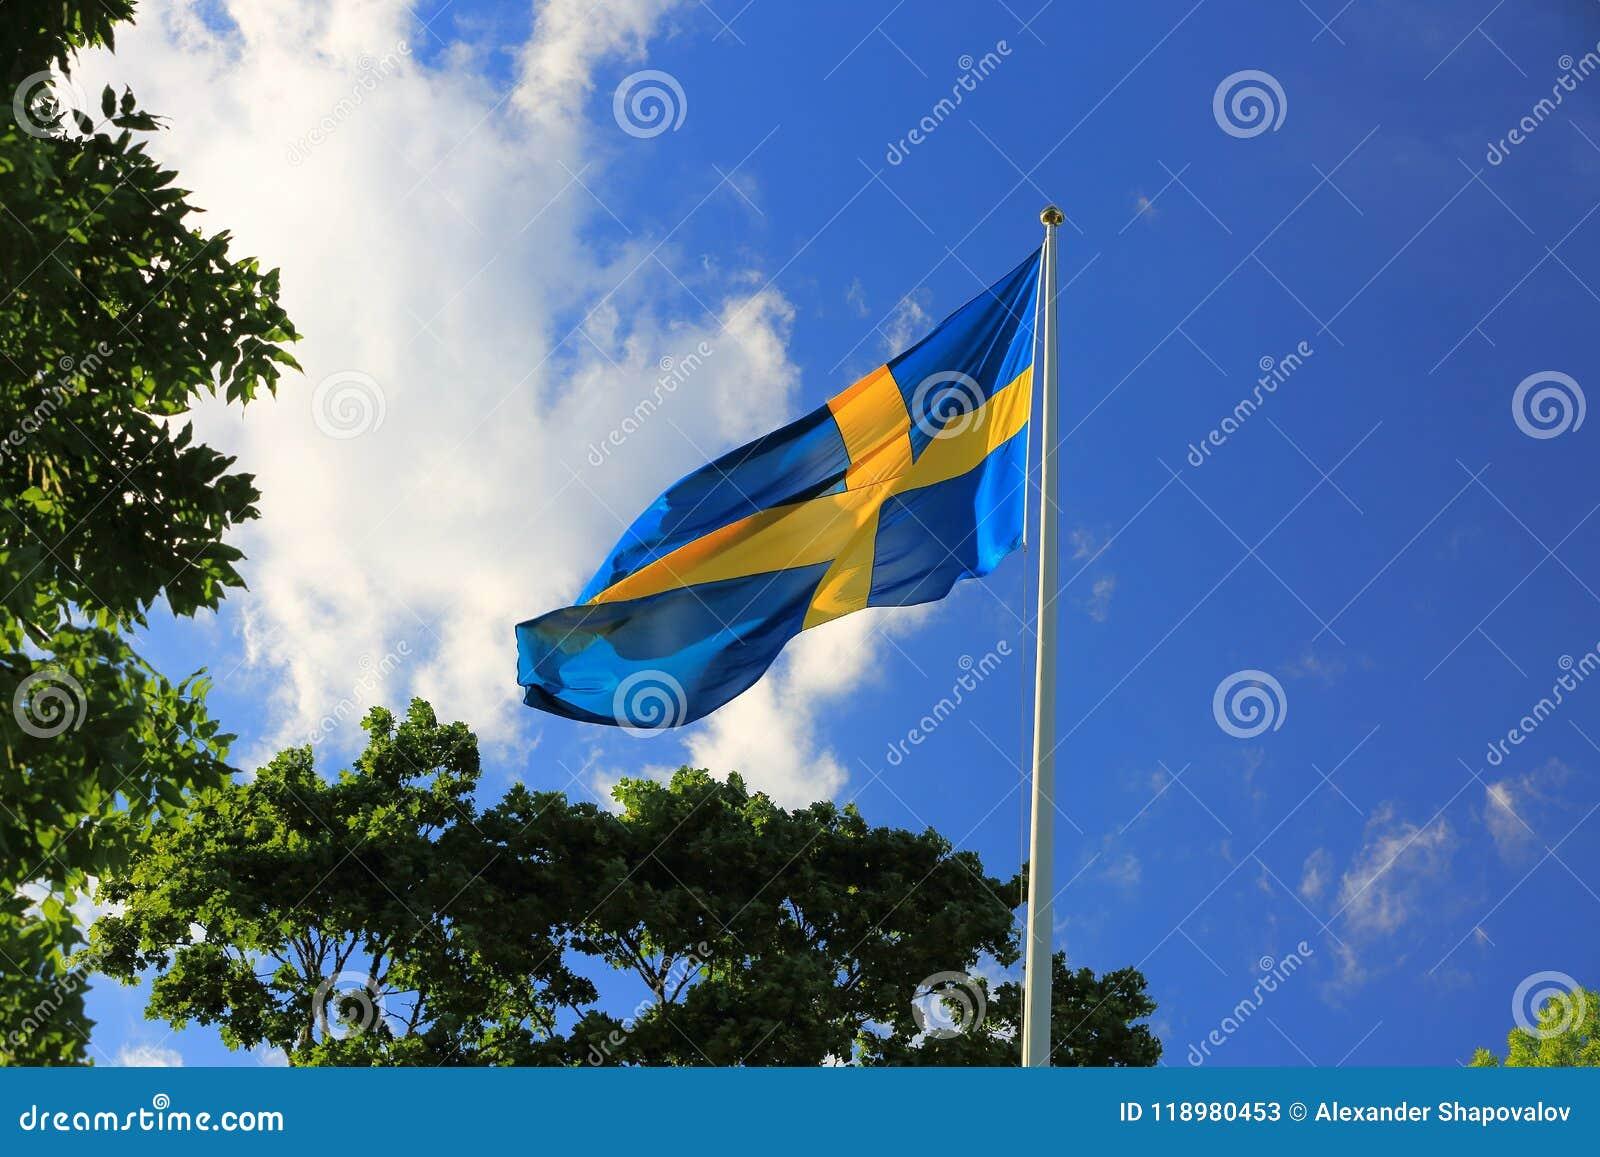 瑞典旗子和与白色的蓝天美丽的景色在绿色树的覆盖背景